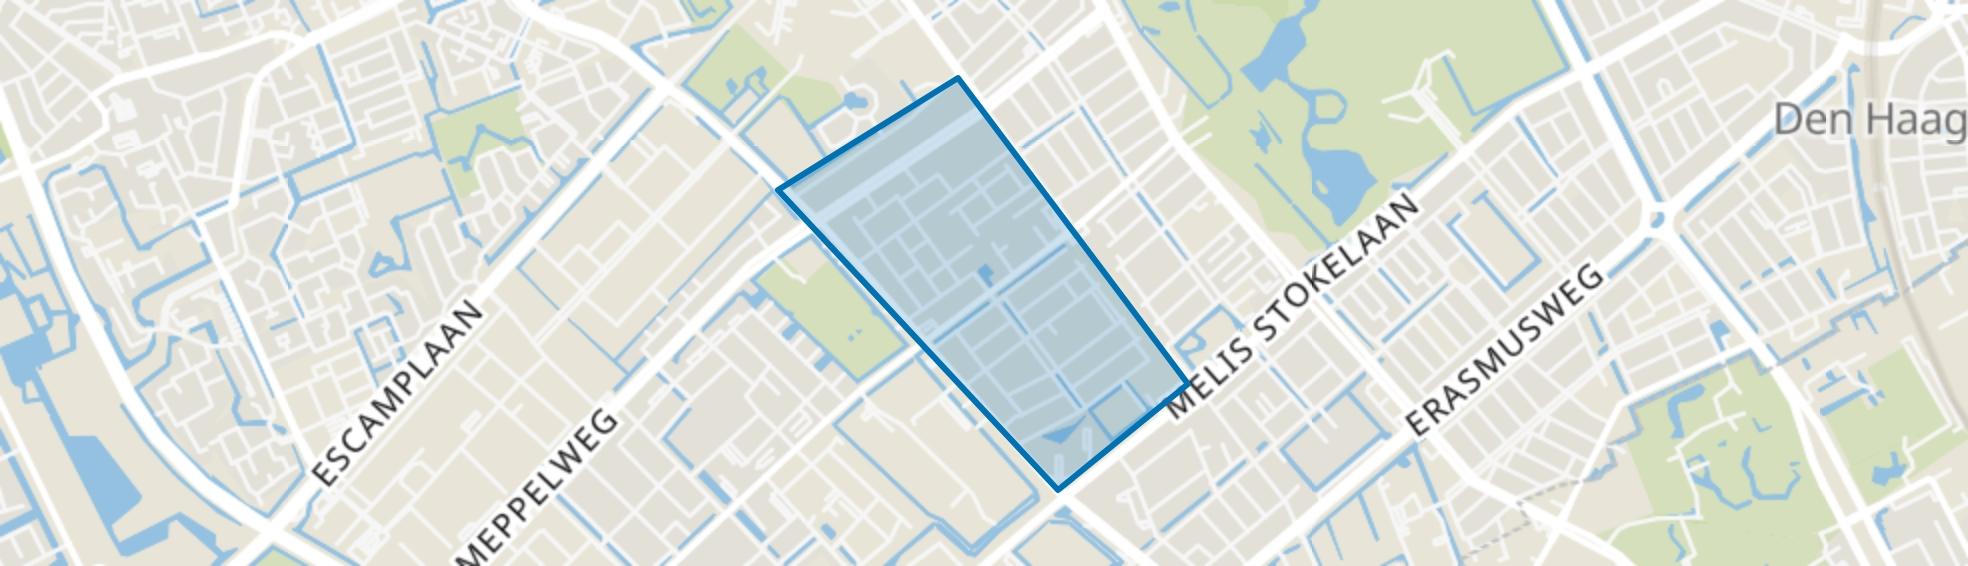 Morgenstond-West, Den Haag map